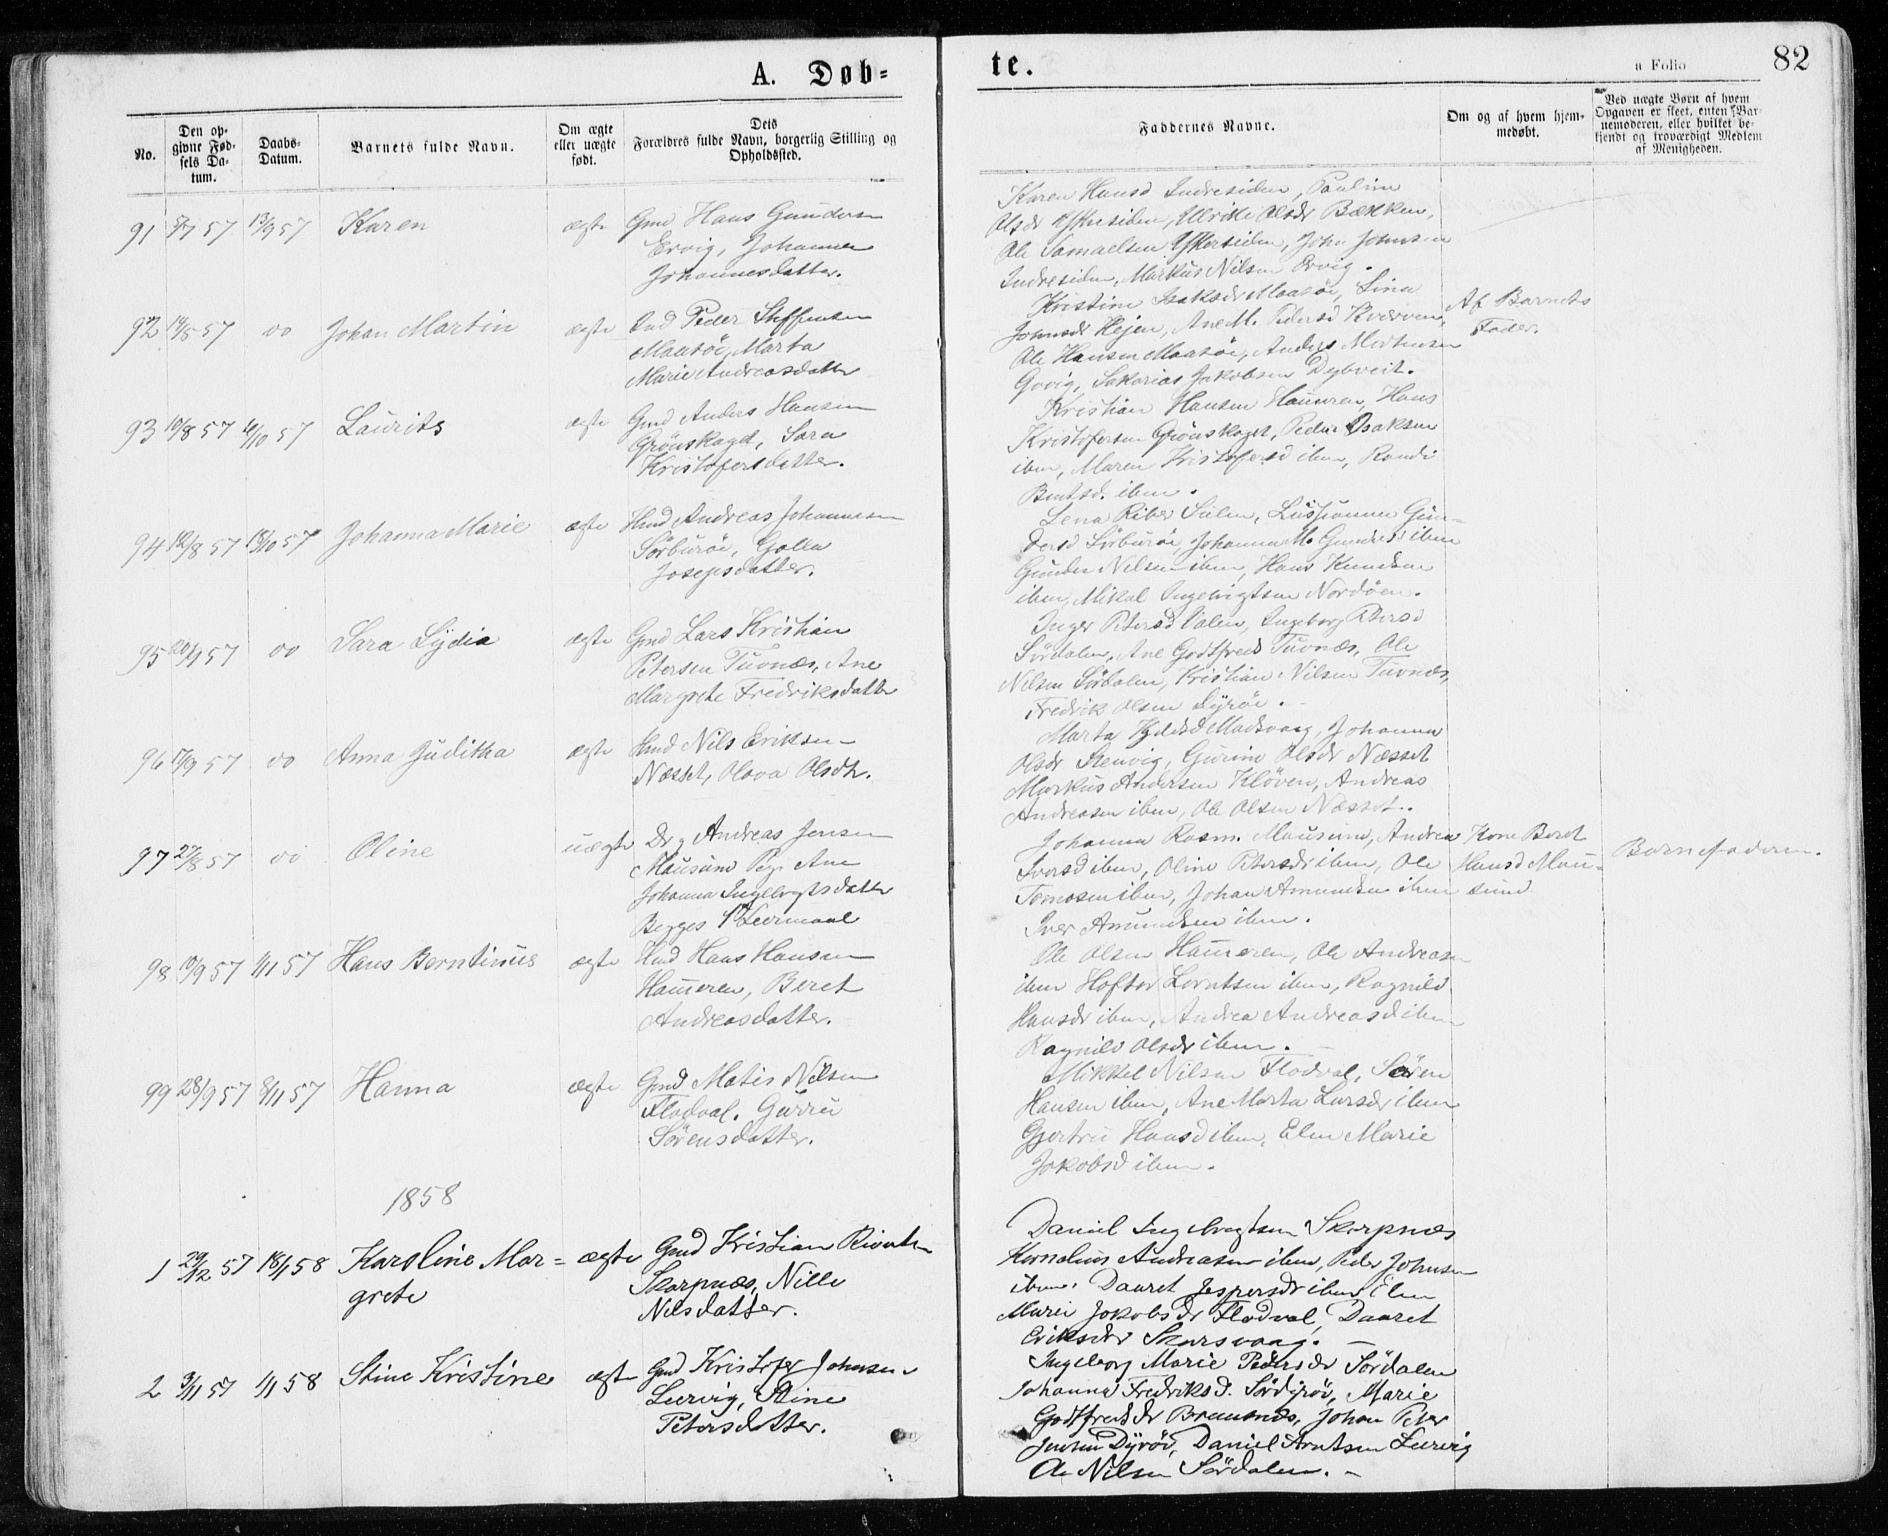 SAT, Ministerialprotokoller, klokkerbøker og fødselsregistre - Sør-Trøndelag, 640/L0576: Ministerialbok nr. 640A01, 1846-1876, s. 82